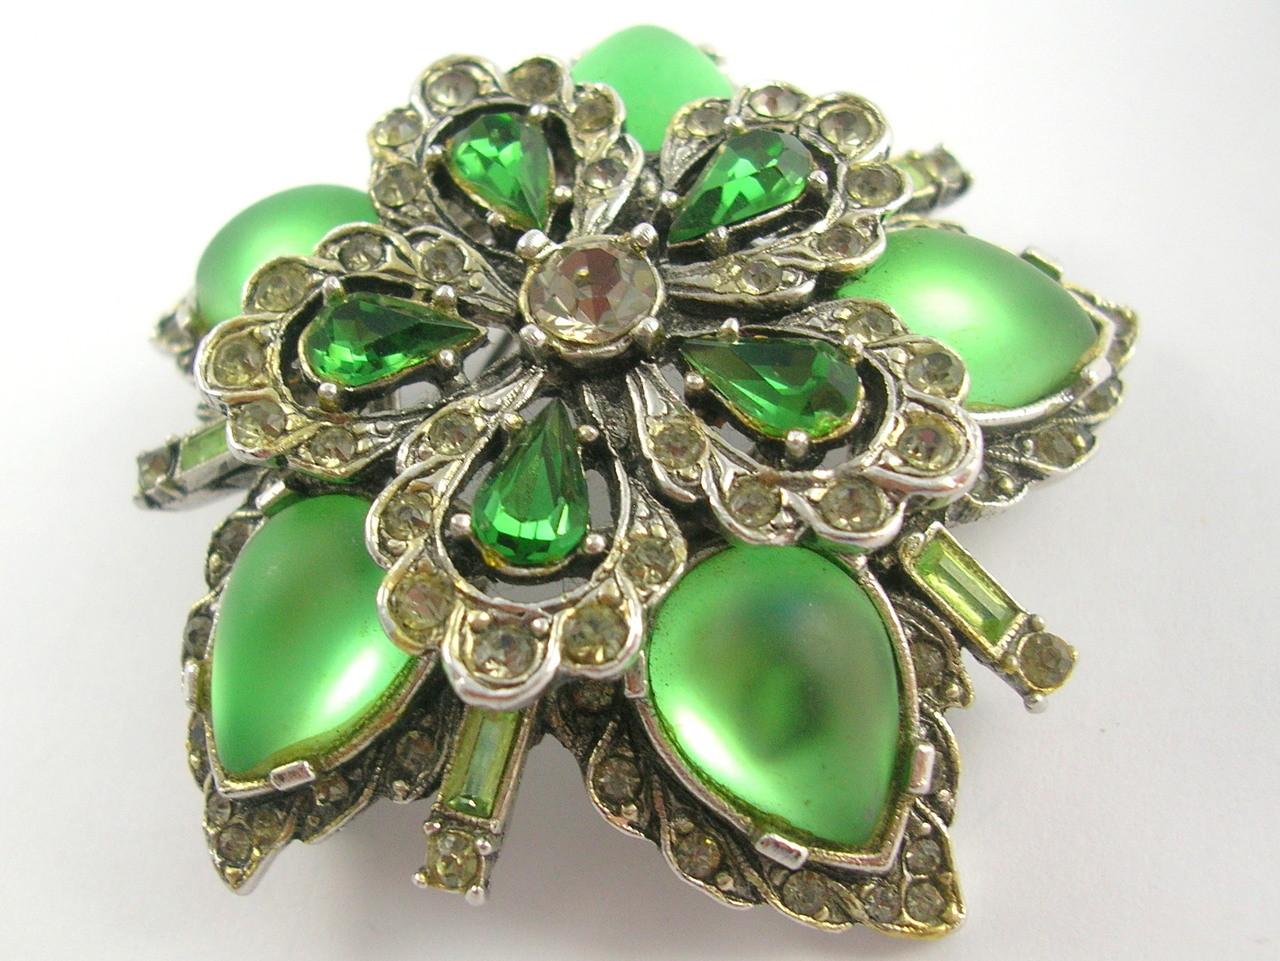 50a81385da963 Vintage Arcansas Australian Green Rhinestone Brooch Pendant by Elizabeth  Reimer